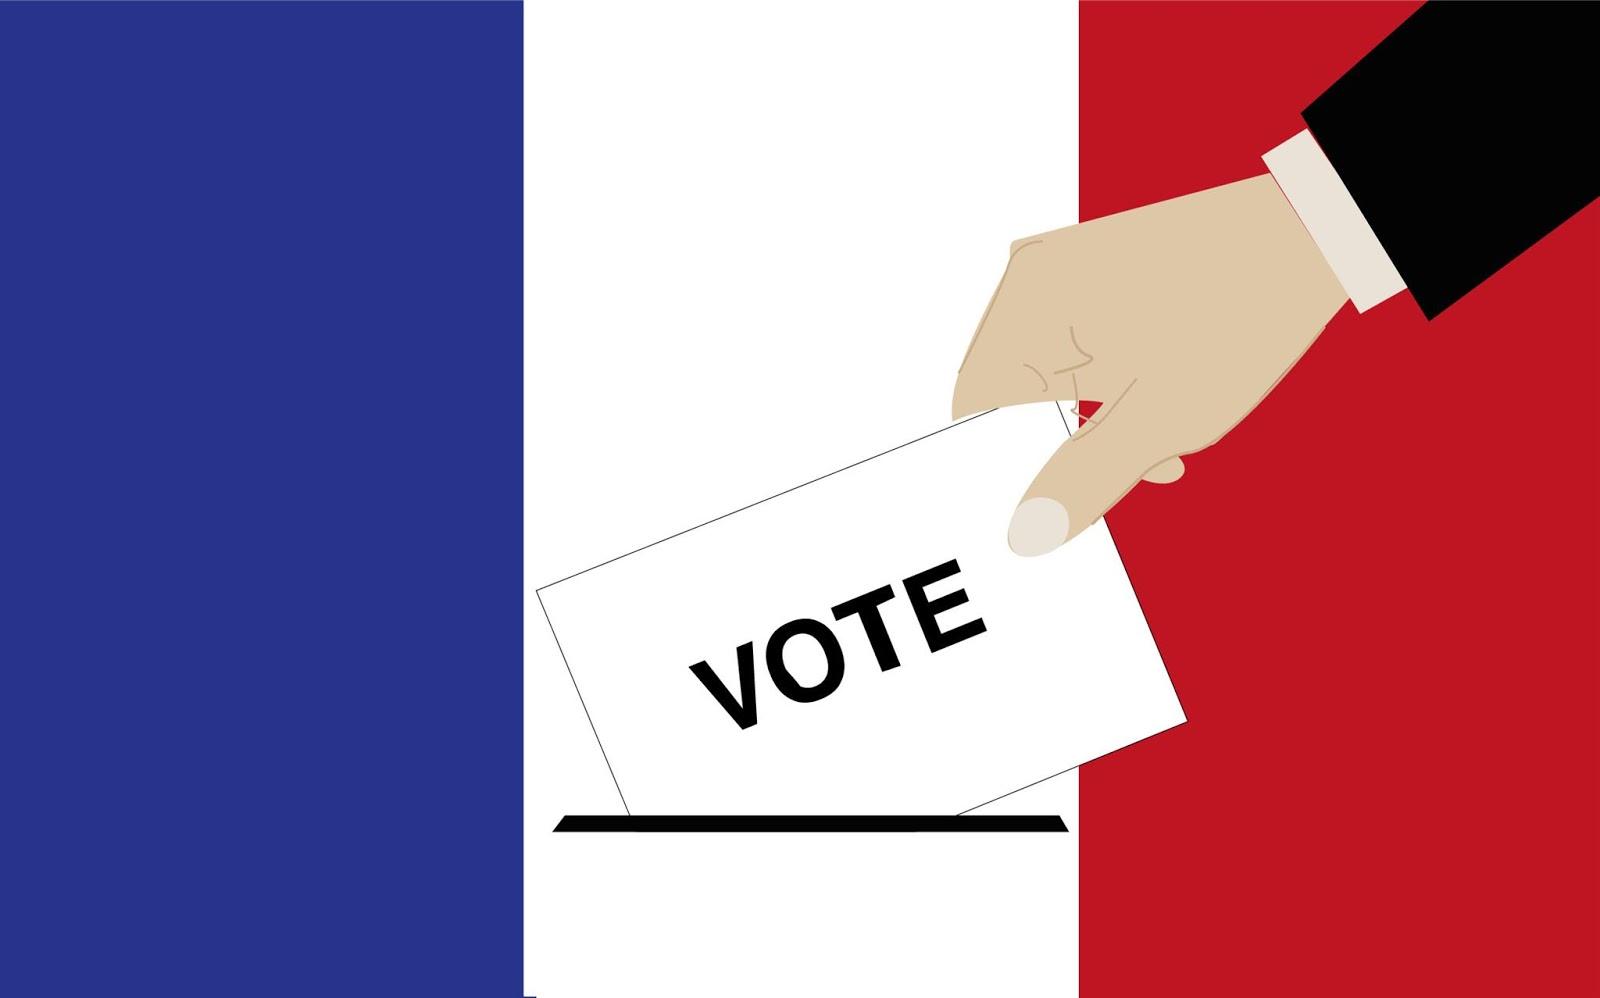 Municipales 2020 : Pendant ce temps, l'islamisme galopant fait son lit politique dans une France hystérique!